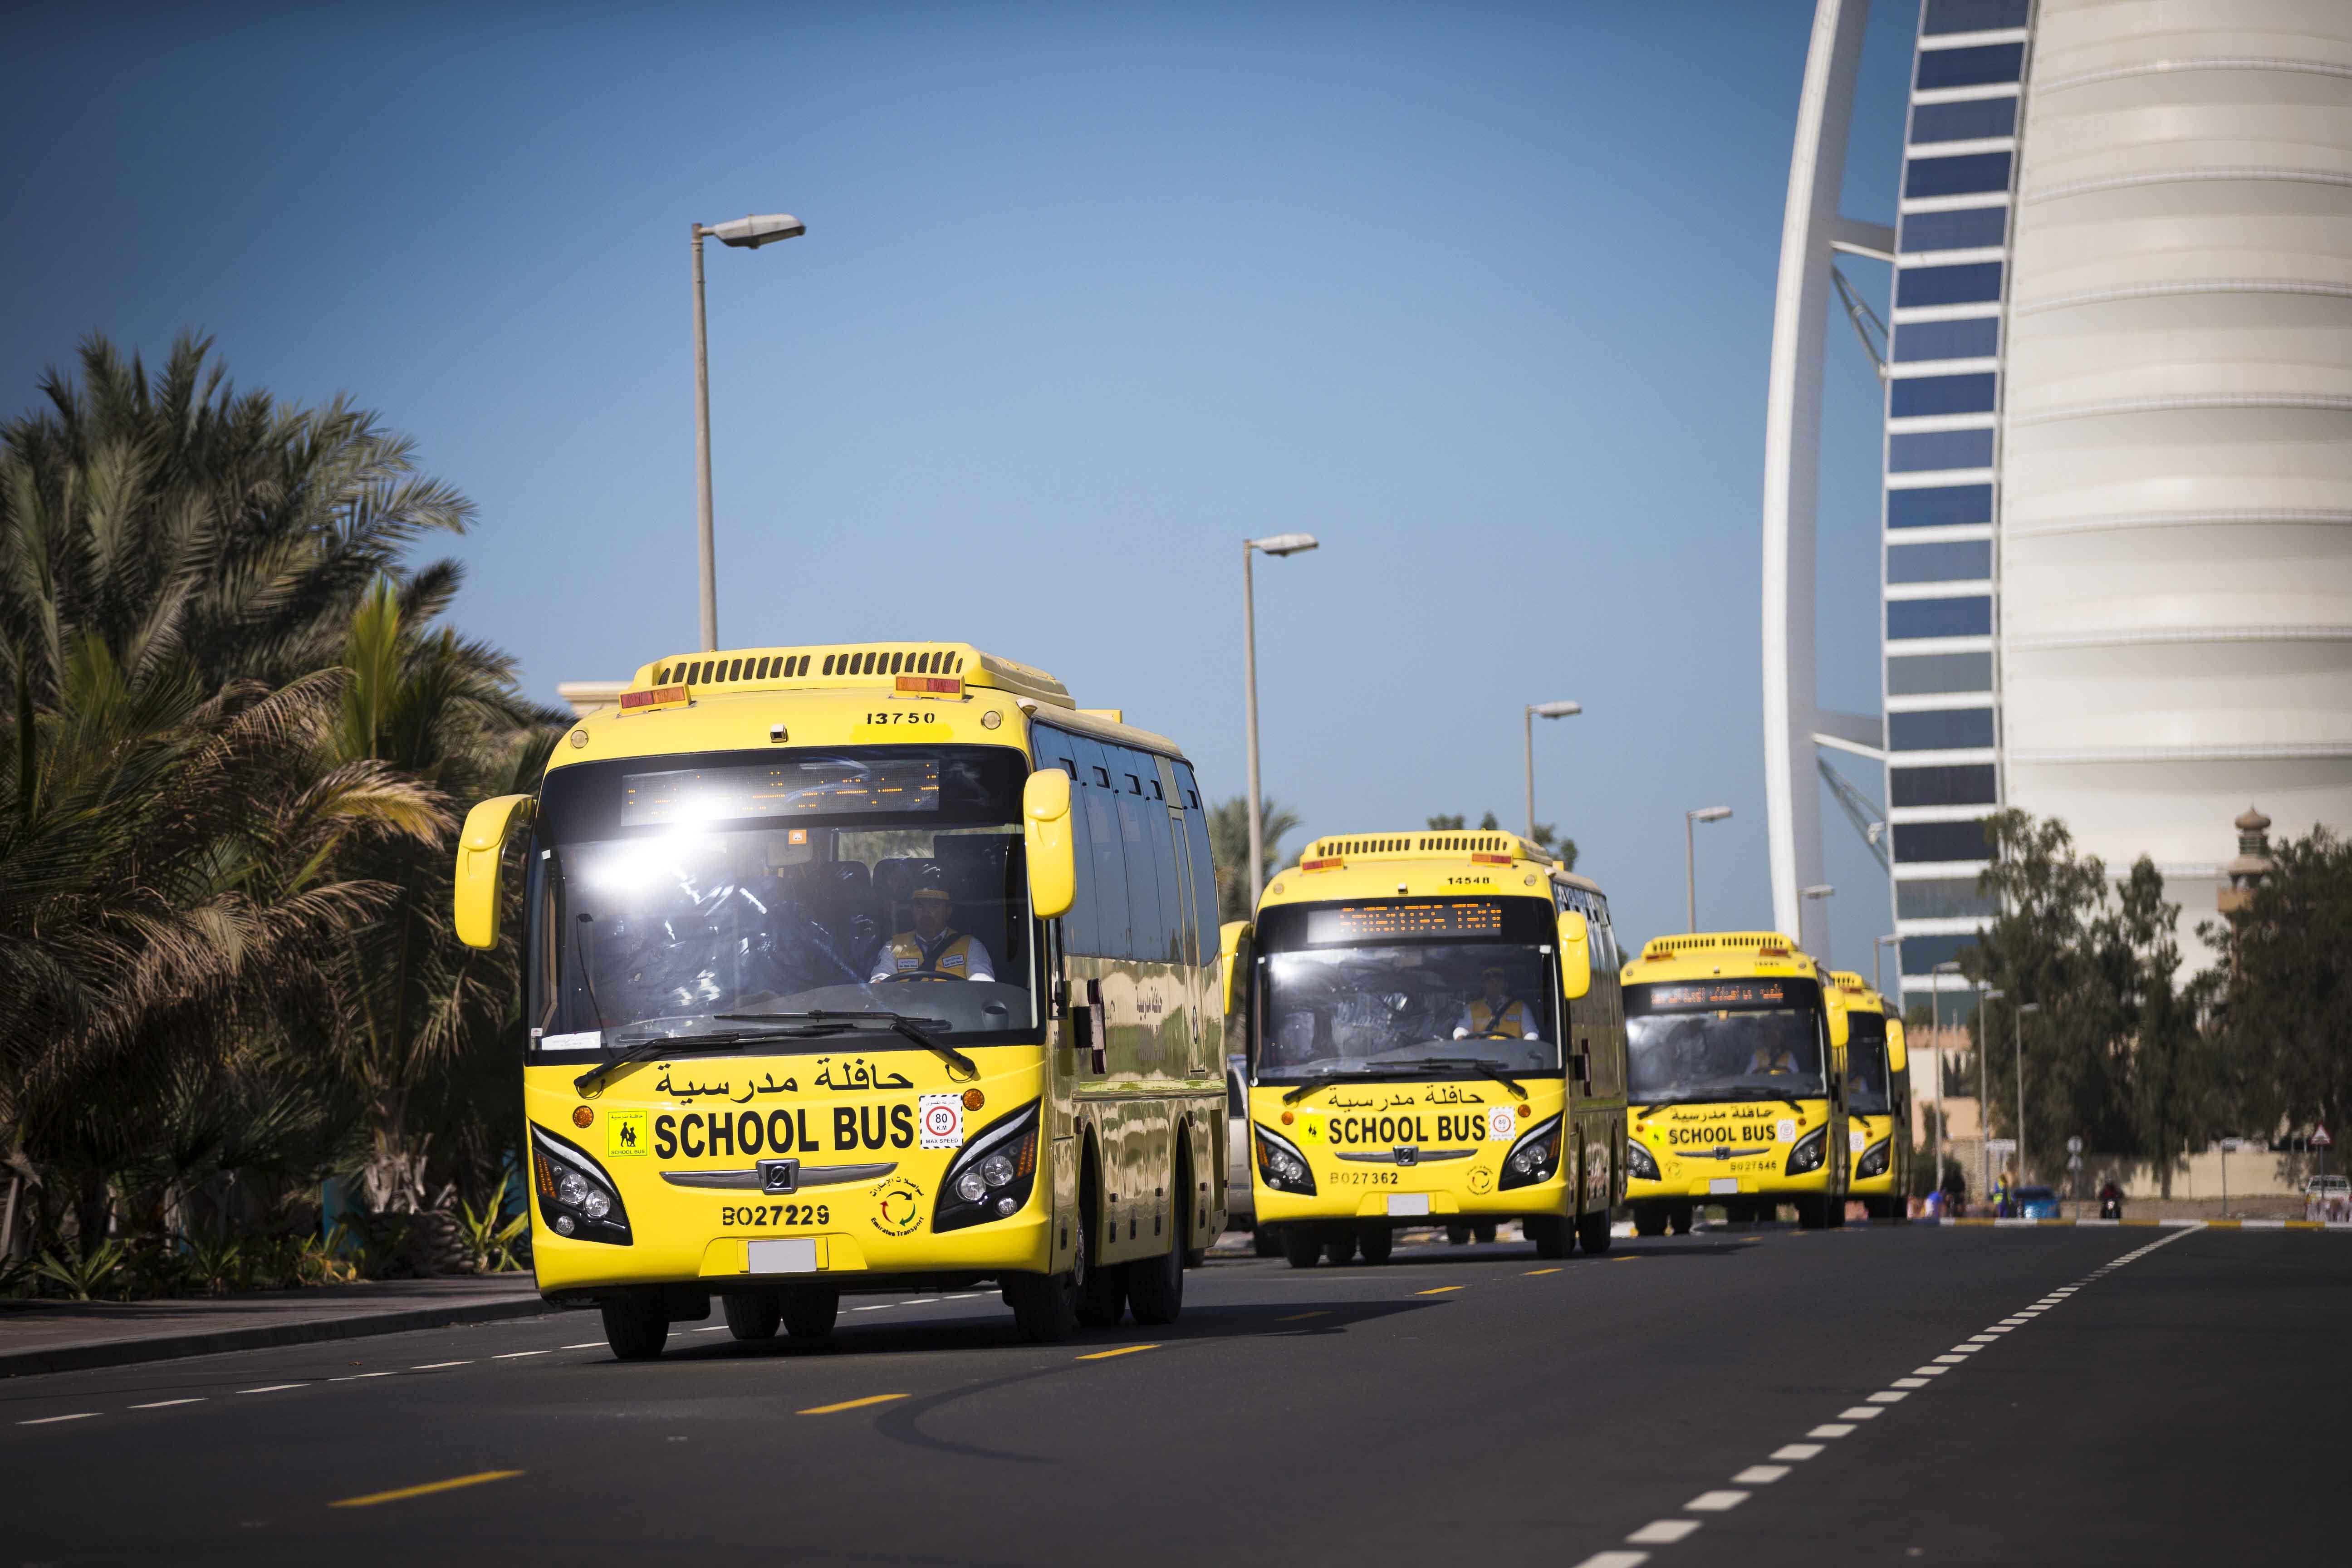 مواصلات الإمارات تستعد لنقل 265 ألف طالب وطالبة مع انطلاق العام الدراسي الجديد